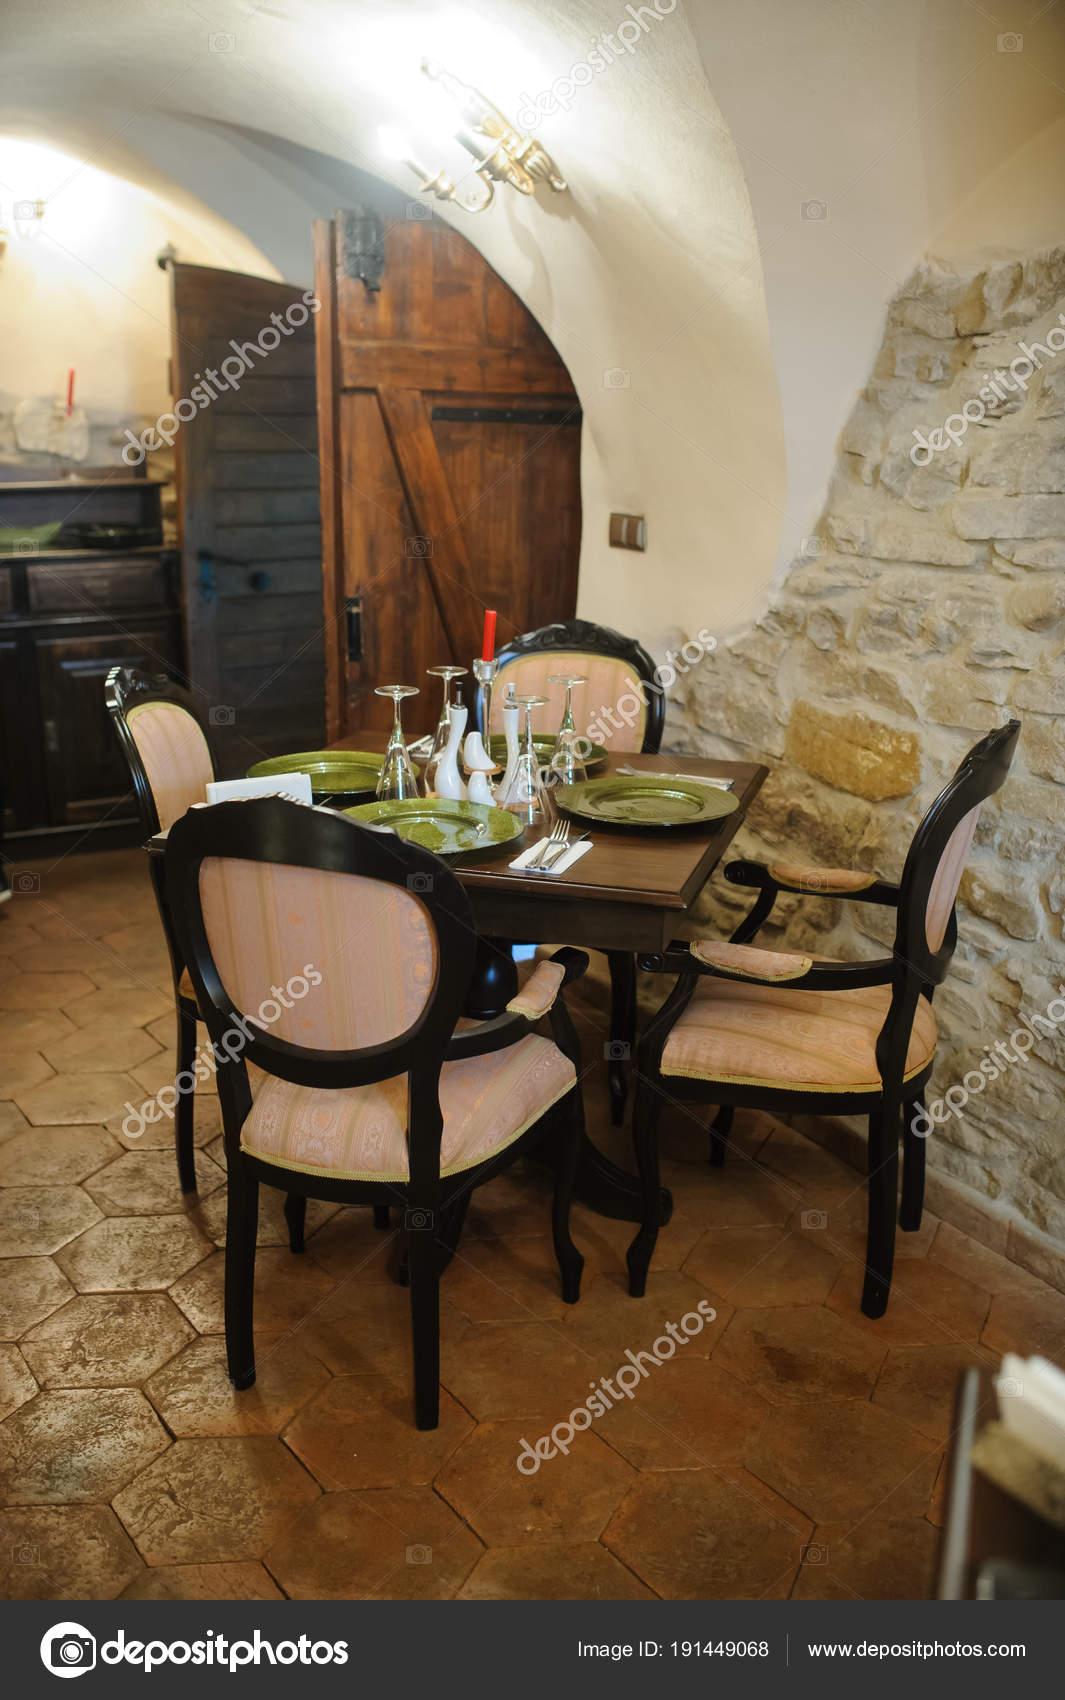 antique kitchen table delta faucet oil rubbed bronze 古董餐厅 带椅子的桌子 图库照片 c med photo studio 191449068 桌子和椅子 准备就餐 照片作者med